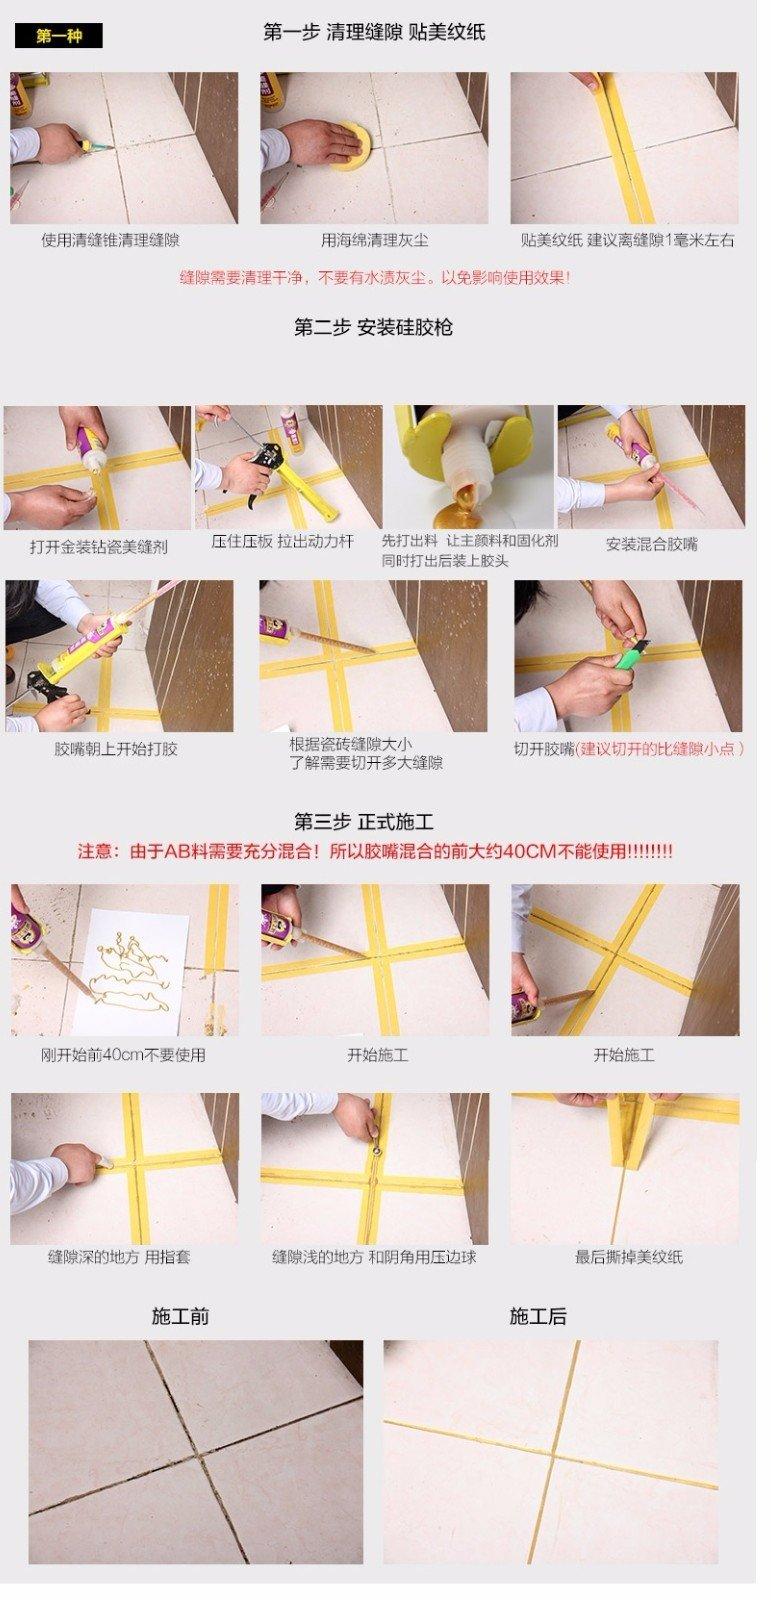 美缝方法1.jpg